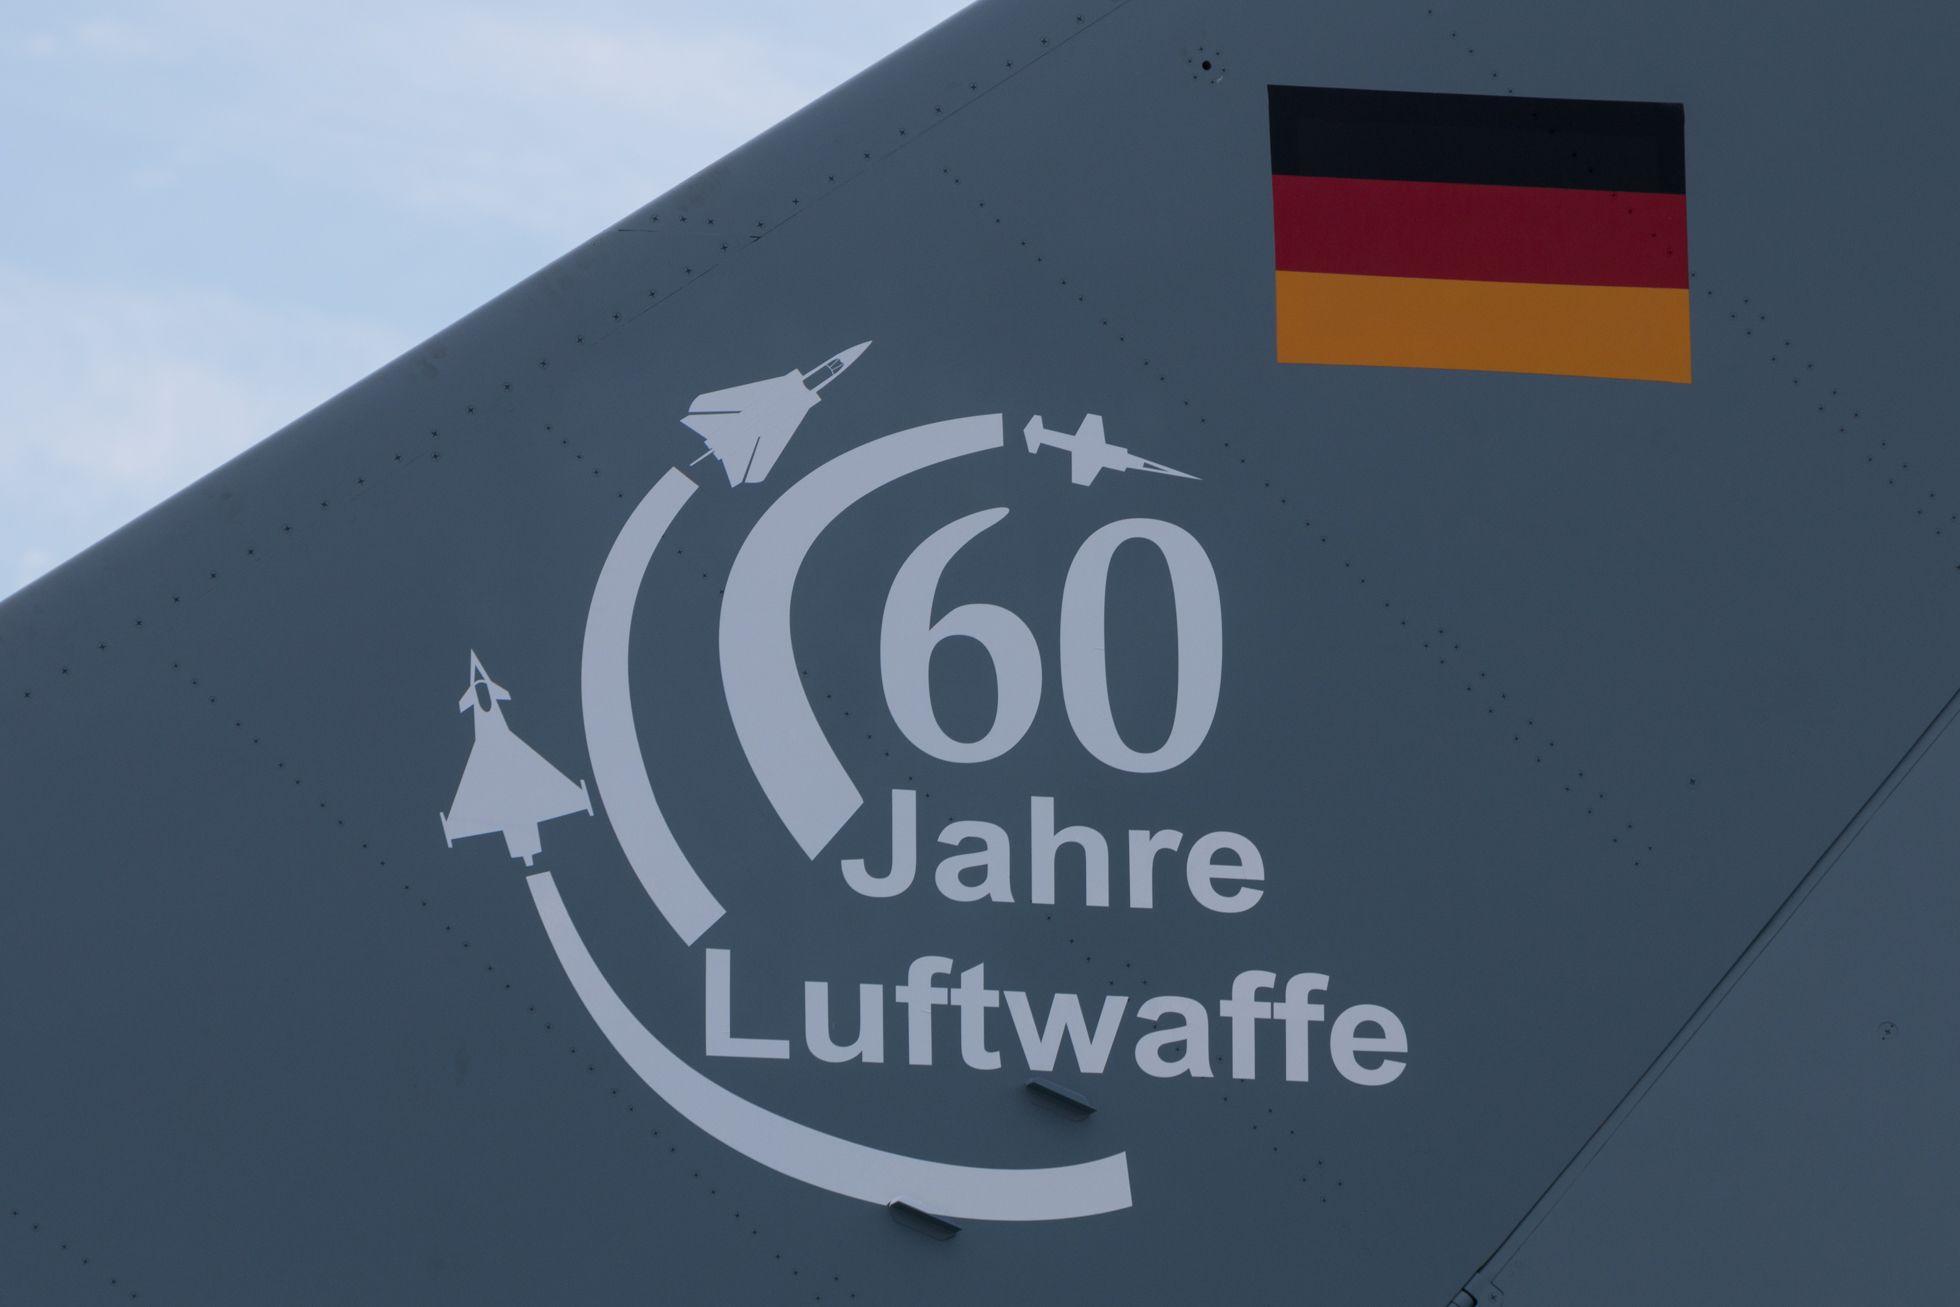 Luftfahrt: Drohnen, Schwerelosigkeit und ein Flieger aus dem 3D-Drucker - ... die in diesem Jahr 60 wird. (Foto: Werner Pluta/Golem.de)